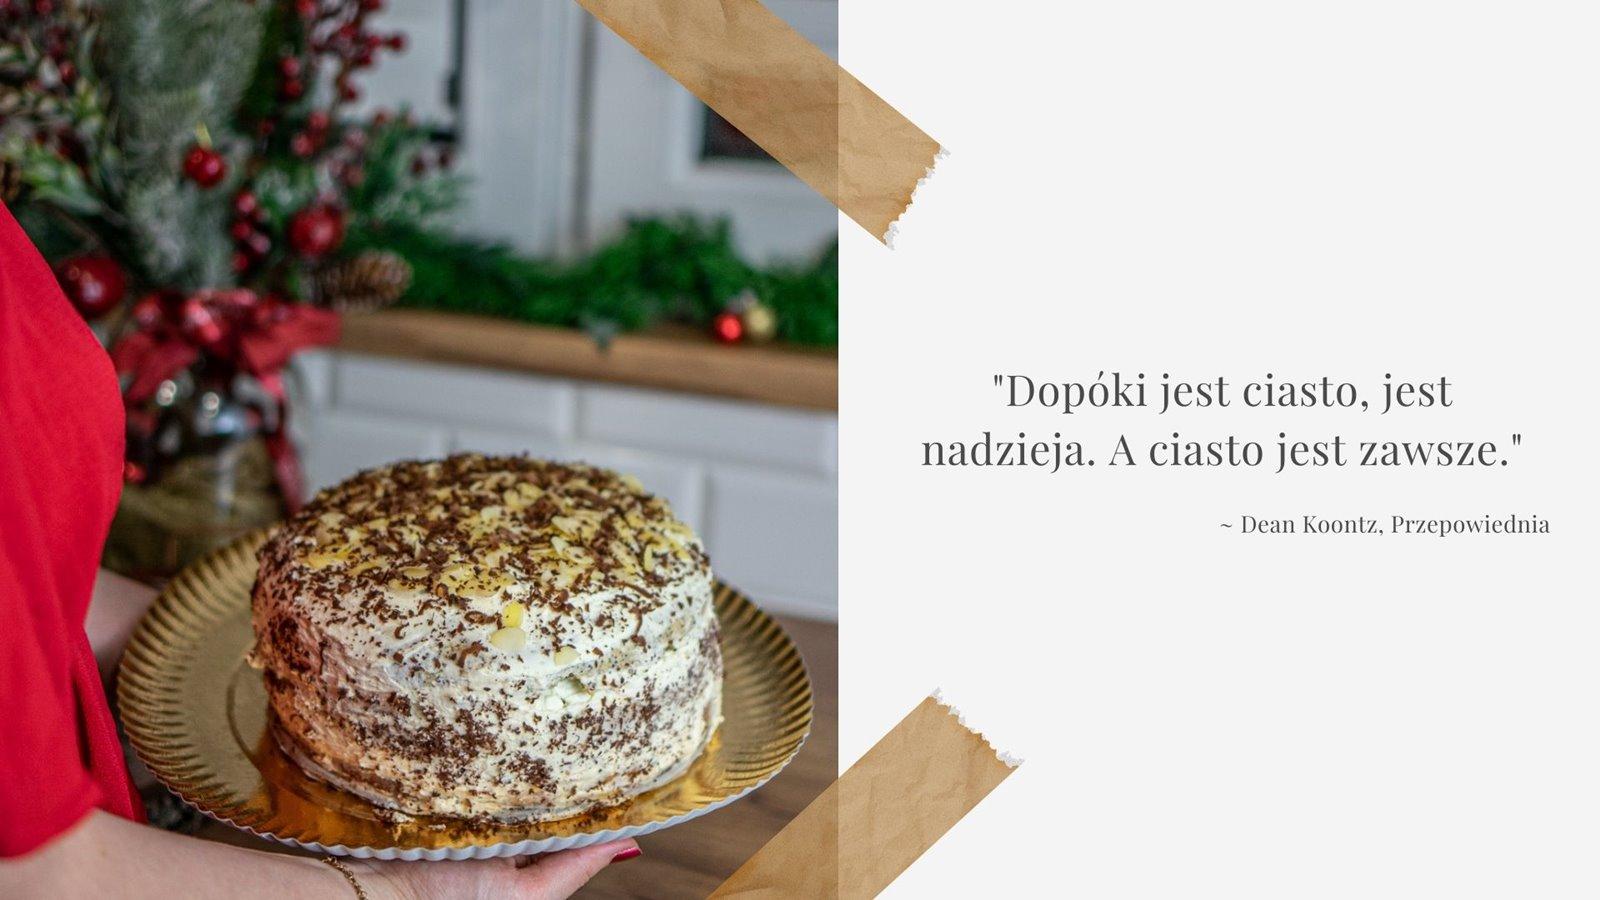 2 przepis na slodki tort makowy biszkopt piegusek z lekkim kremem jak zrobic nieslodki krem do tortu z kwasna nutą co zrobic z maku jak upiec idealny biszkopt